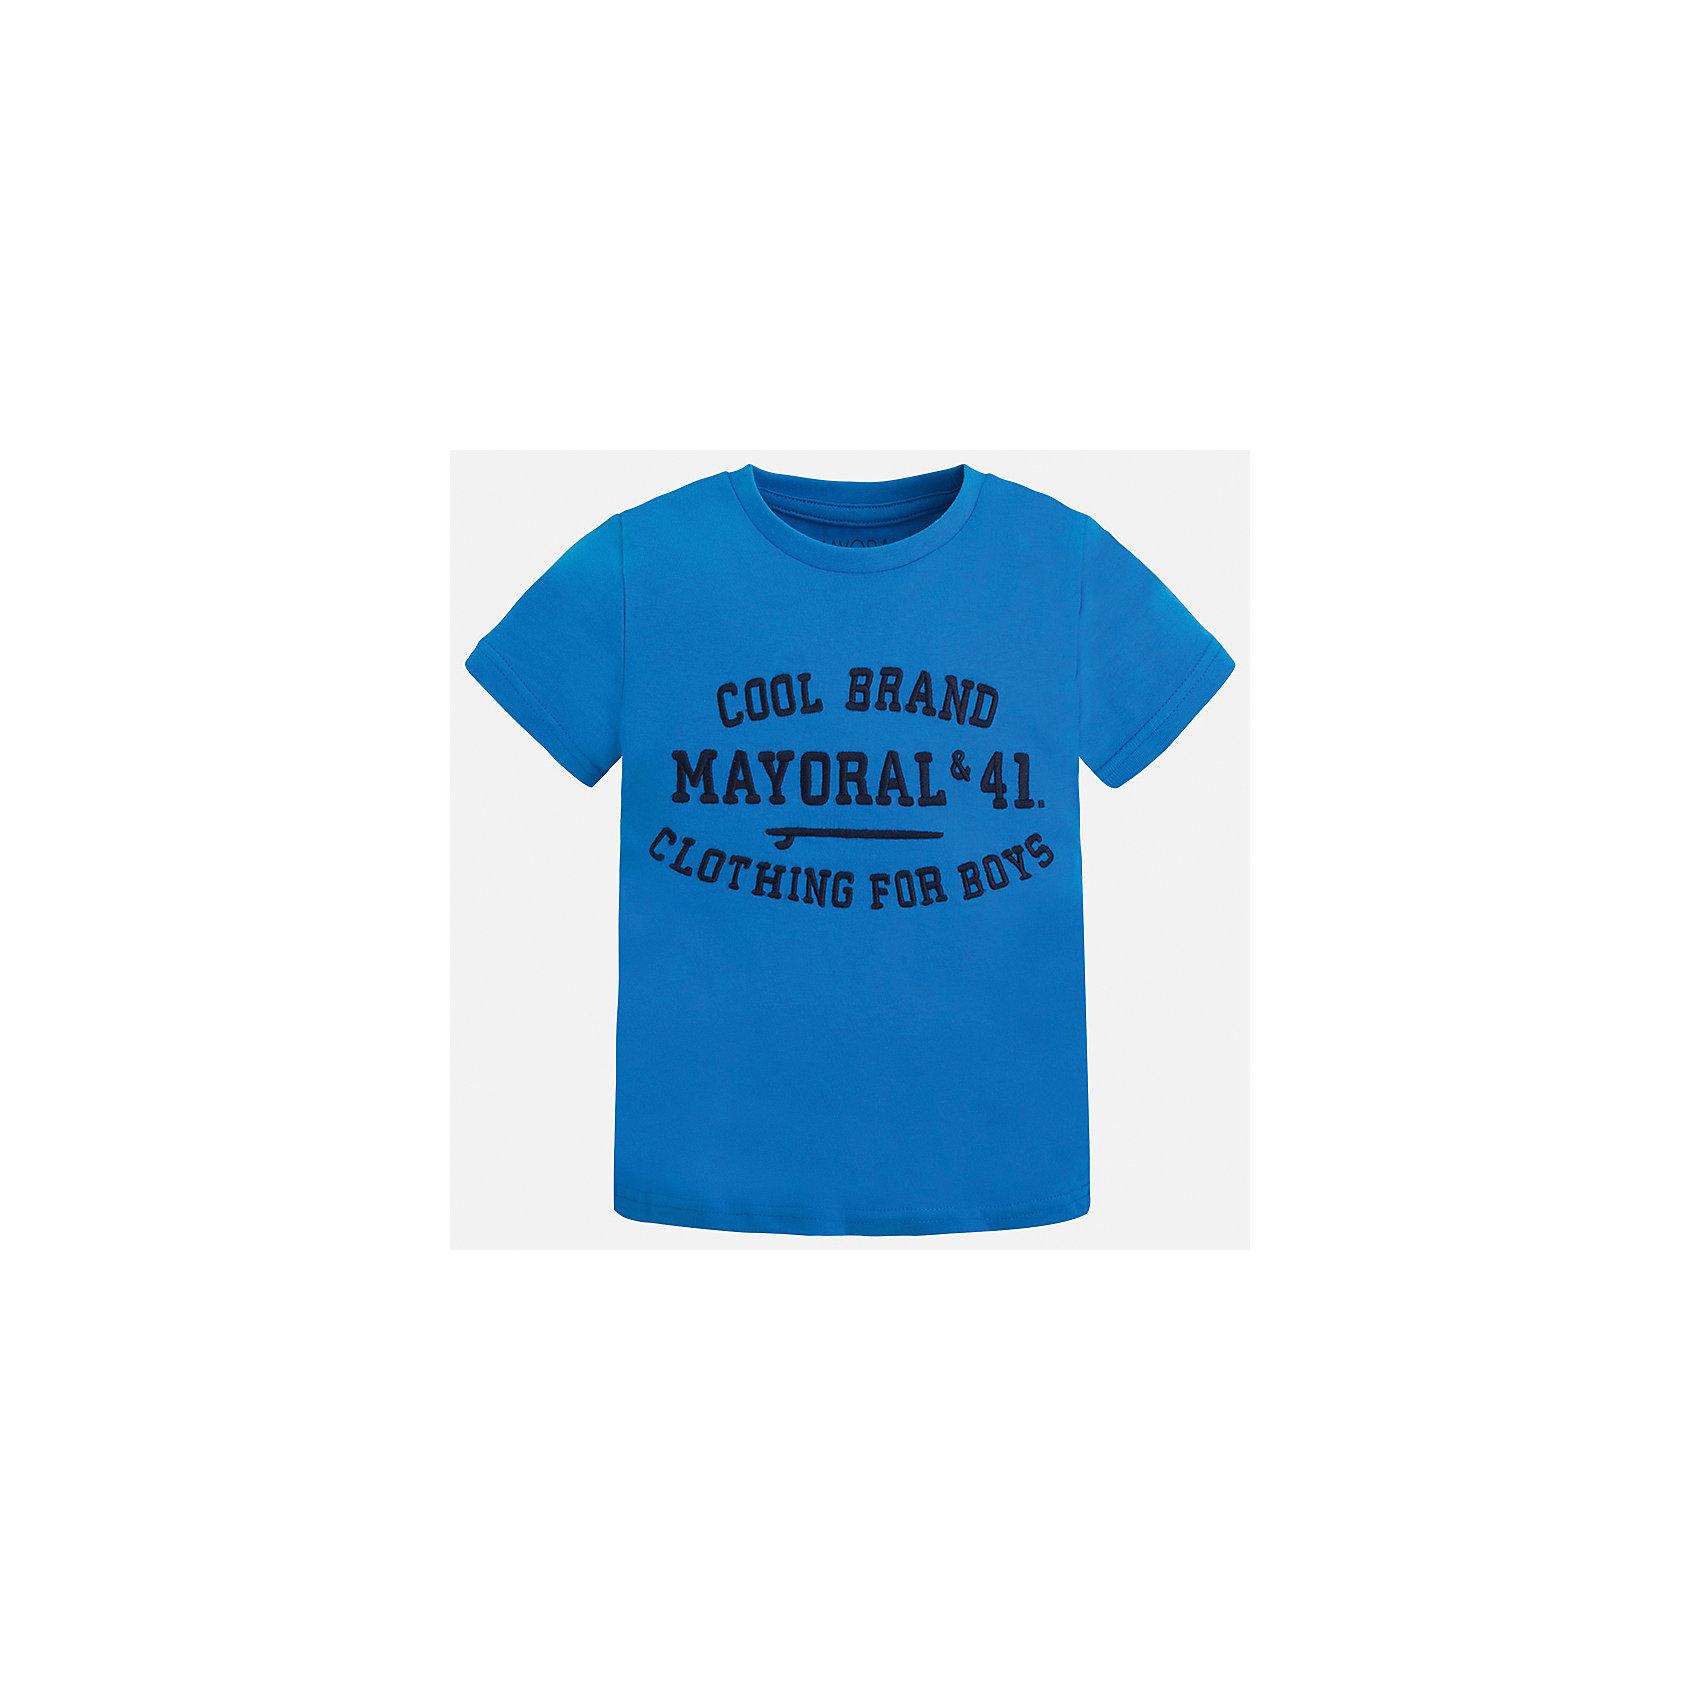 Футболка для мальчика MayoralФутболки, поло и топы<br>Характеристики товара:<br><br>• цвет: зеленый<br>• состав: 100% хлопок<br>• круглый горловой вырез<br>• принт впереди<br>• короткие рукава<br>• страна бренда: Испания<br><br>Стильная футболка с принтом поможет разнообразить гардероб мальчика. Она отлично сочетается с брюками, шортами, джинсами и т.д. Универсальный крой и цвет позволяет подобрать к вещи низ разных расцветок. Практичное и стильное изделие! В составе материала - только натуральный хлопок, гипоаллергенный, приятный на ощупь, дышащий.<br><br>Одежда, обувь и аксессуары от испанского бренда Mayoral полюбились детям и взрослым по всему миру. Модели этой марки - стильные и удобные. Для их производства используются только безопасные, качественные материалы и фурнитура. Порадуйте ребенка модными и красивыми вещами от Mayoral! <br><br>Футболку для мальчика от испанского бренда Mayoral (Майорал) можно купить в нашем интернет-магазине.<br><br>Ширина мм: 199<br>Глубина мм: 10<br>Высота мм: 161<br>Вес г: 151<br>Цвет: зеленый<br>Возраст от месяцев: 18<br>Возраст до месяцев: 24<br>Пол: Мужской<br>Возраст: Детский<br>Размер: 92,98,110,116,122,128,104,134<br>SKU: 3516067